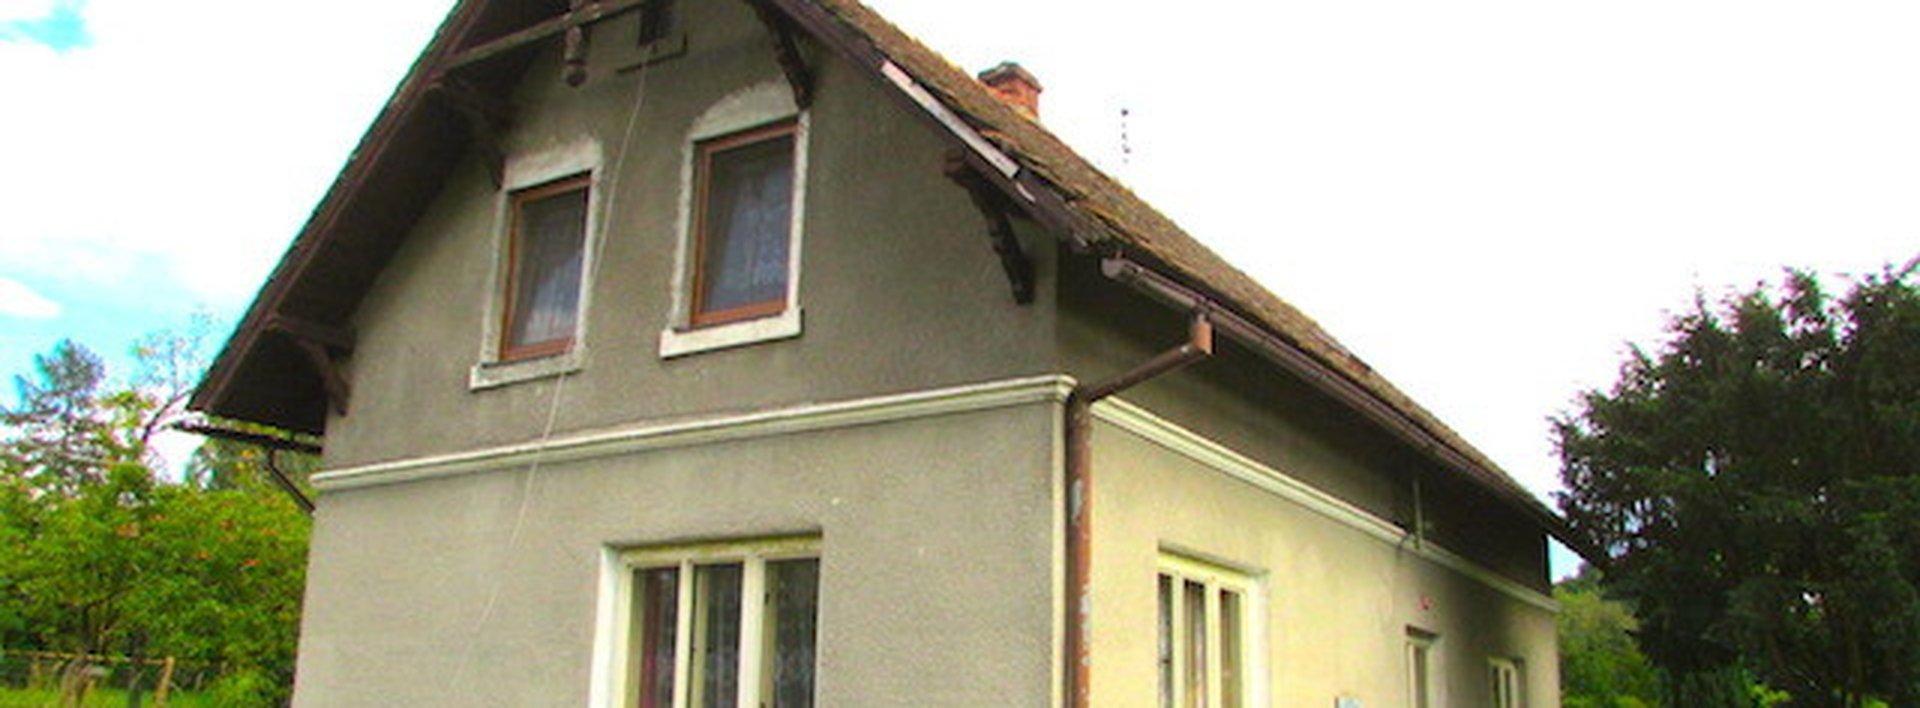 Prodej domu s velkou slunnou zahradou v Oldřichově na Hranicích, Ev.č.: N46848